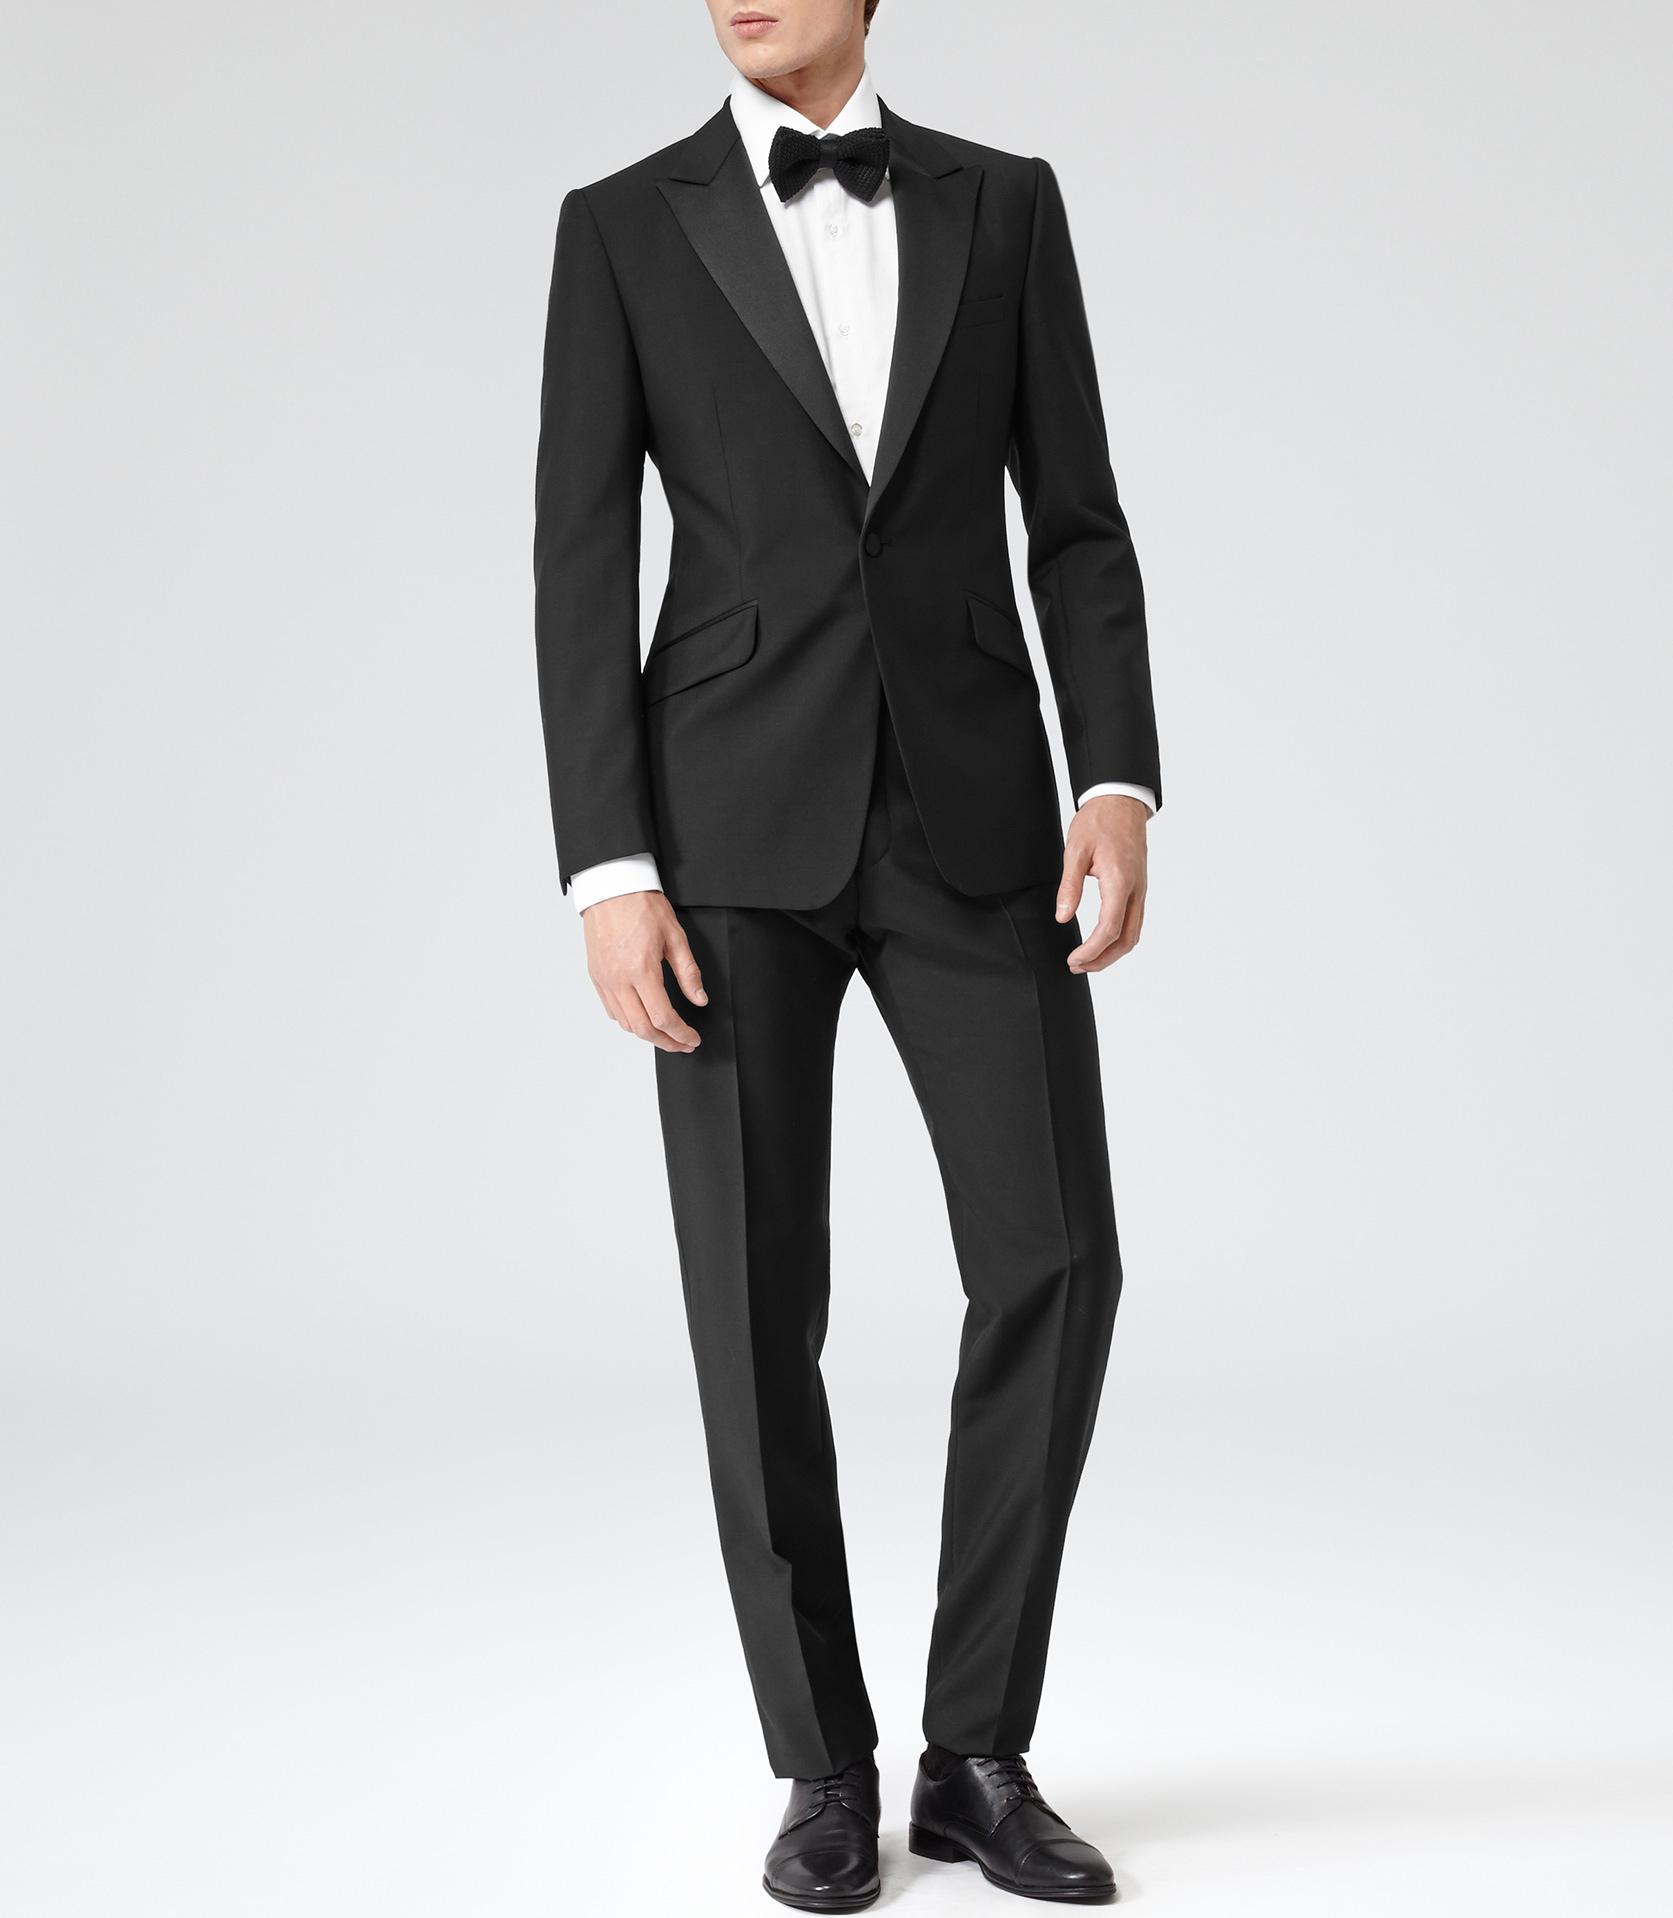 Tuxedo: Reiss Mayfair Peak Lapel Tuxedo In Black For Men